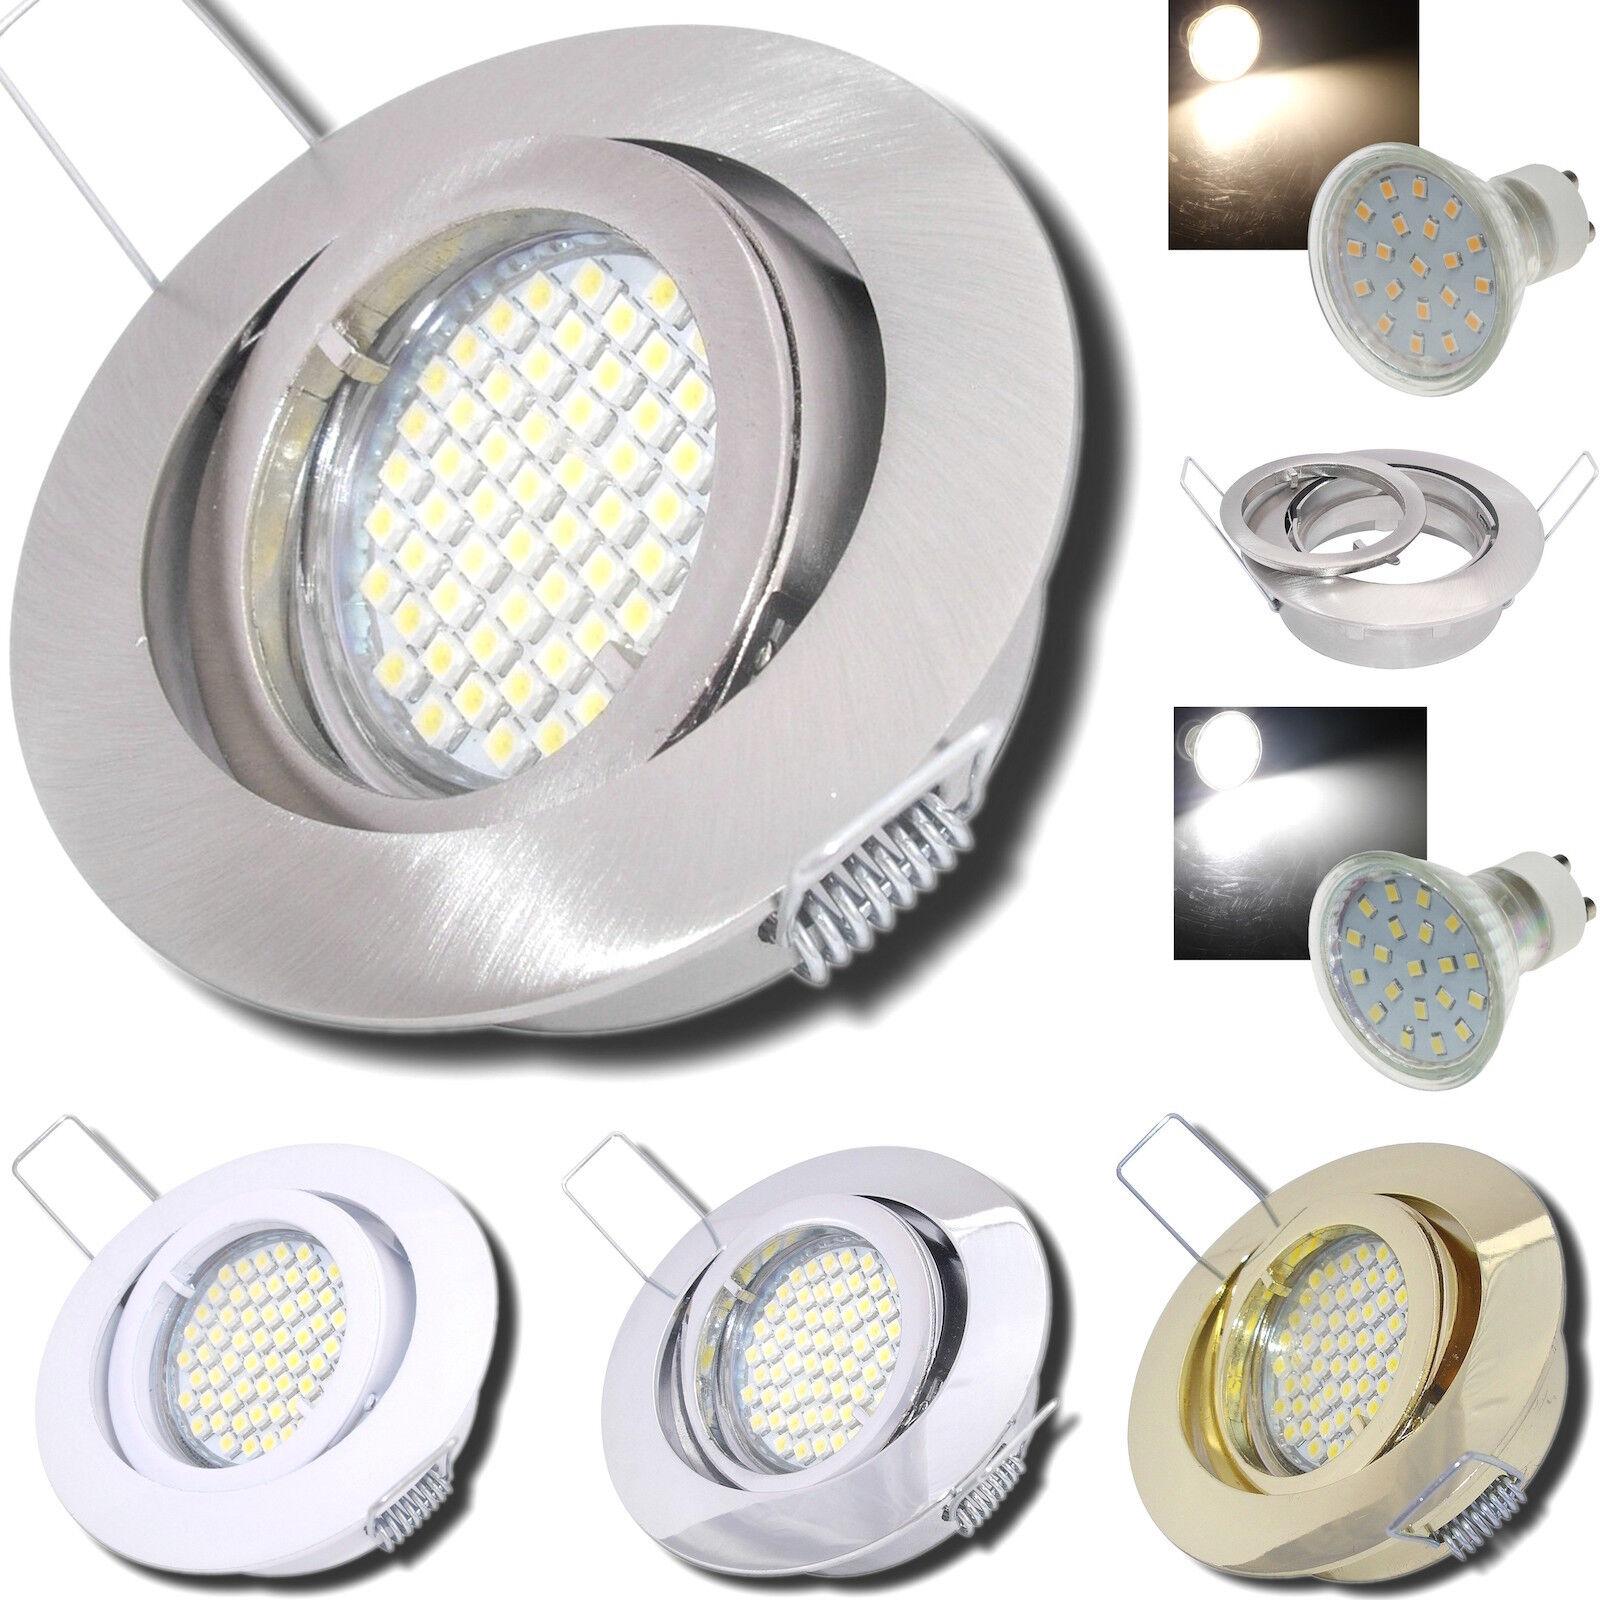 Gu10 Glas SMD Einbaulampen Tino / 230V / 5W=50 / Rund / Rostfrei / IP20 / EEK A+